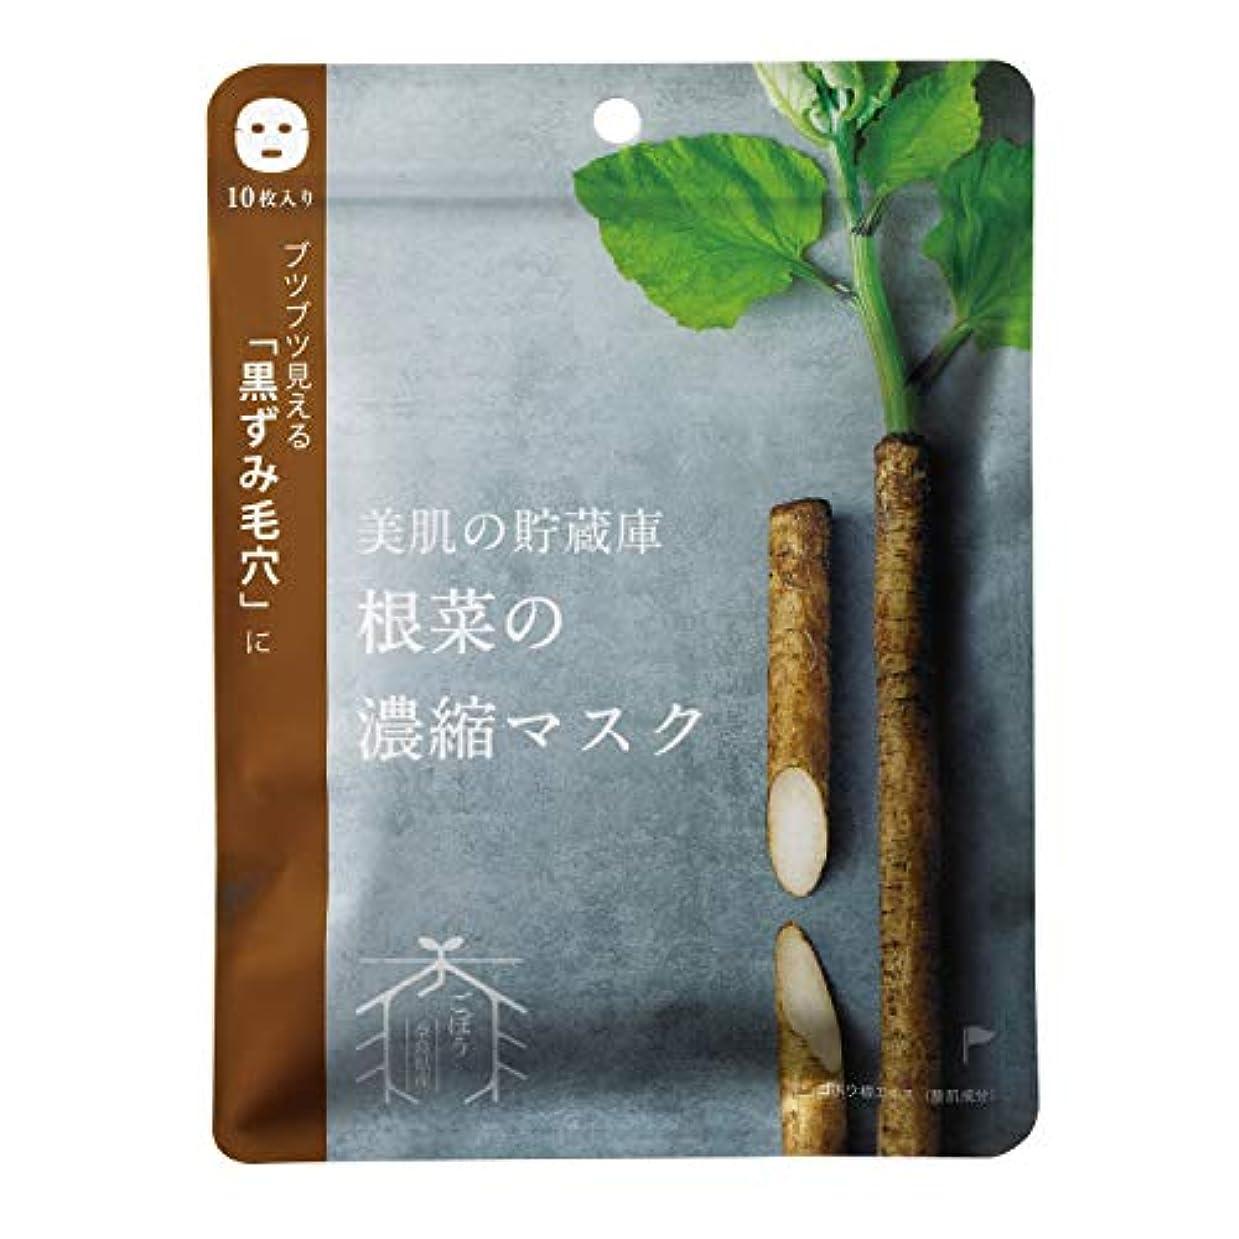 ピンチデコラティブ保証@cosme nippon 美肌の貯蔵庫 根菜の濃縮マスク 宇陀金ごぼう 10枚 160ml